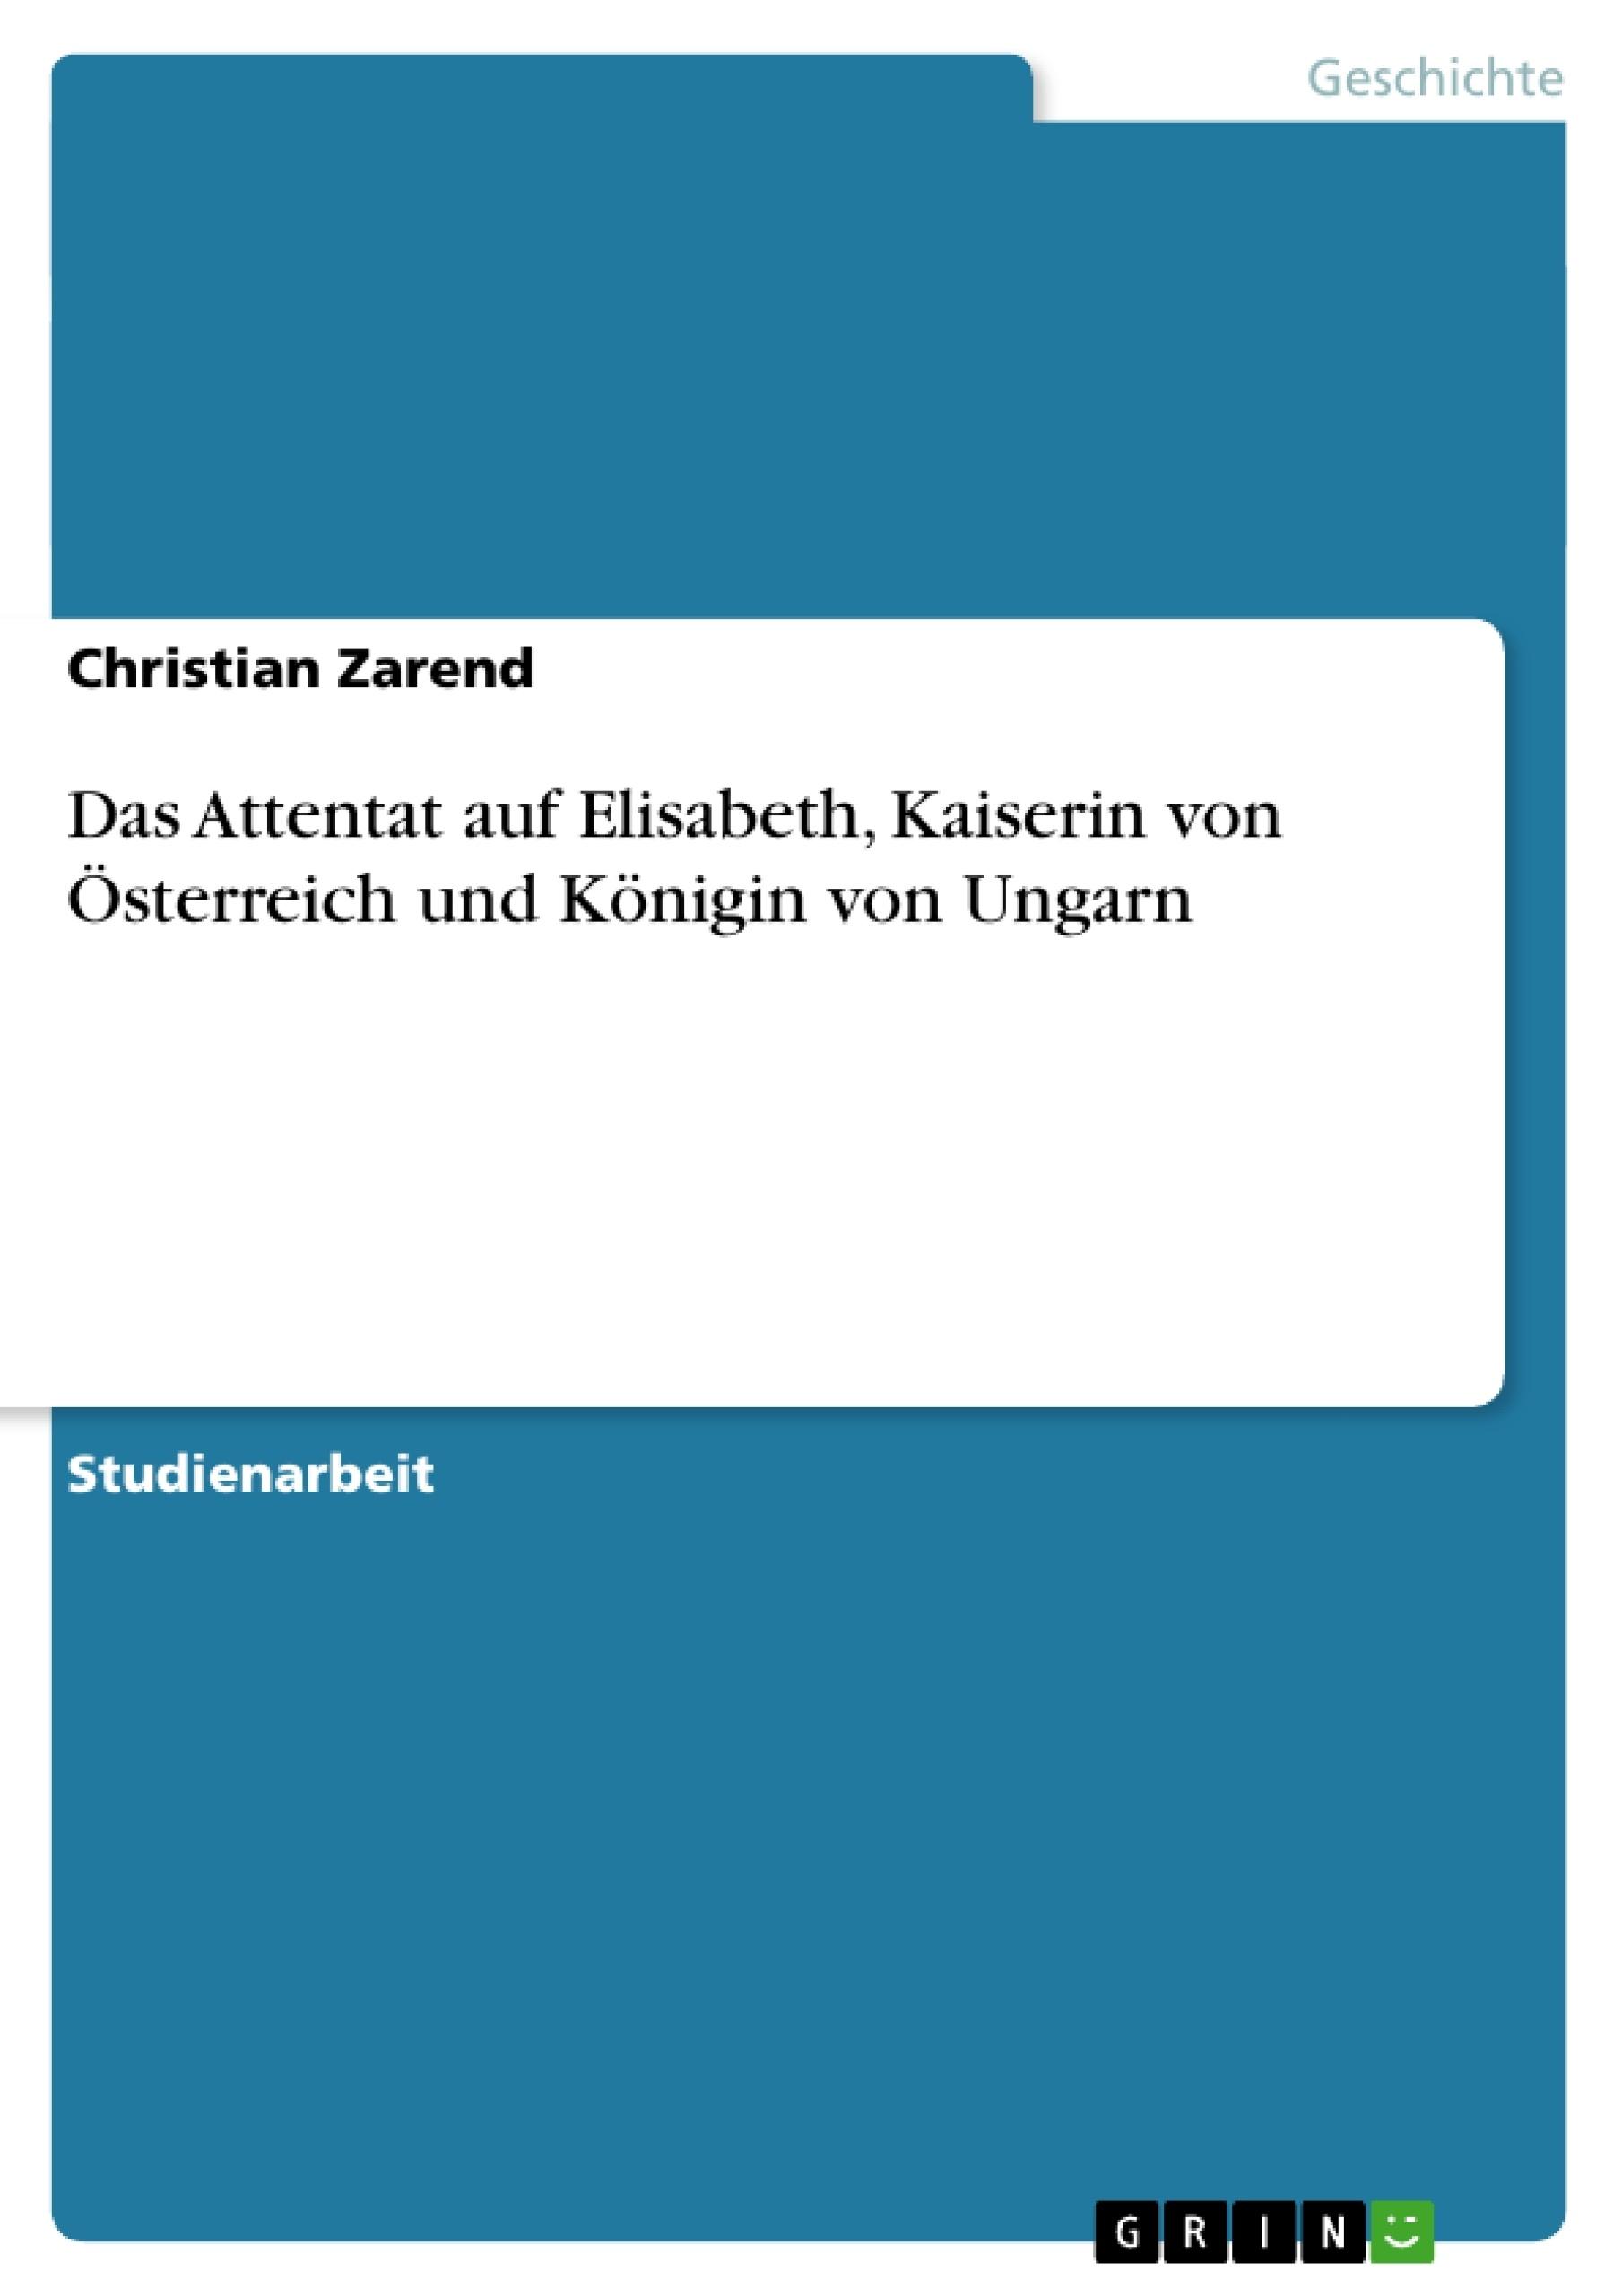 Titel: Das Attentat auf Elisabeth, Kaiserin von Österreich und Königin von Ungarn